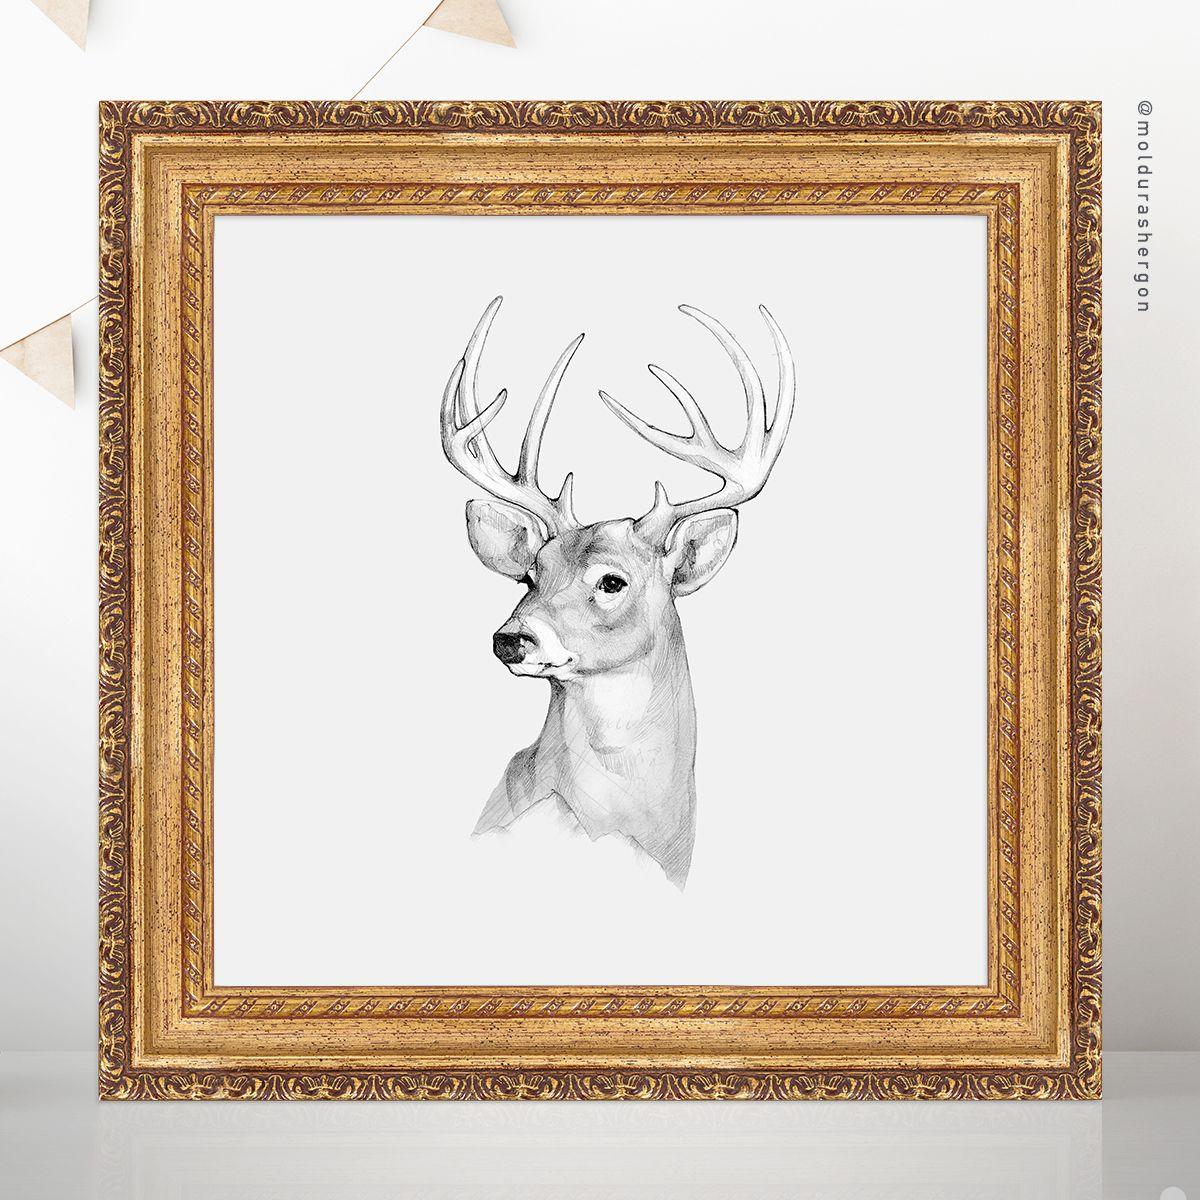 Idea Nº1 Animales De Invierno Nos Encantan Las Fotografias Y Los Dibujos Realistas De La Naturaleza Para Esta Tem Cuadro Navideno Navideno Dibujos Realistas